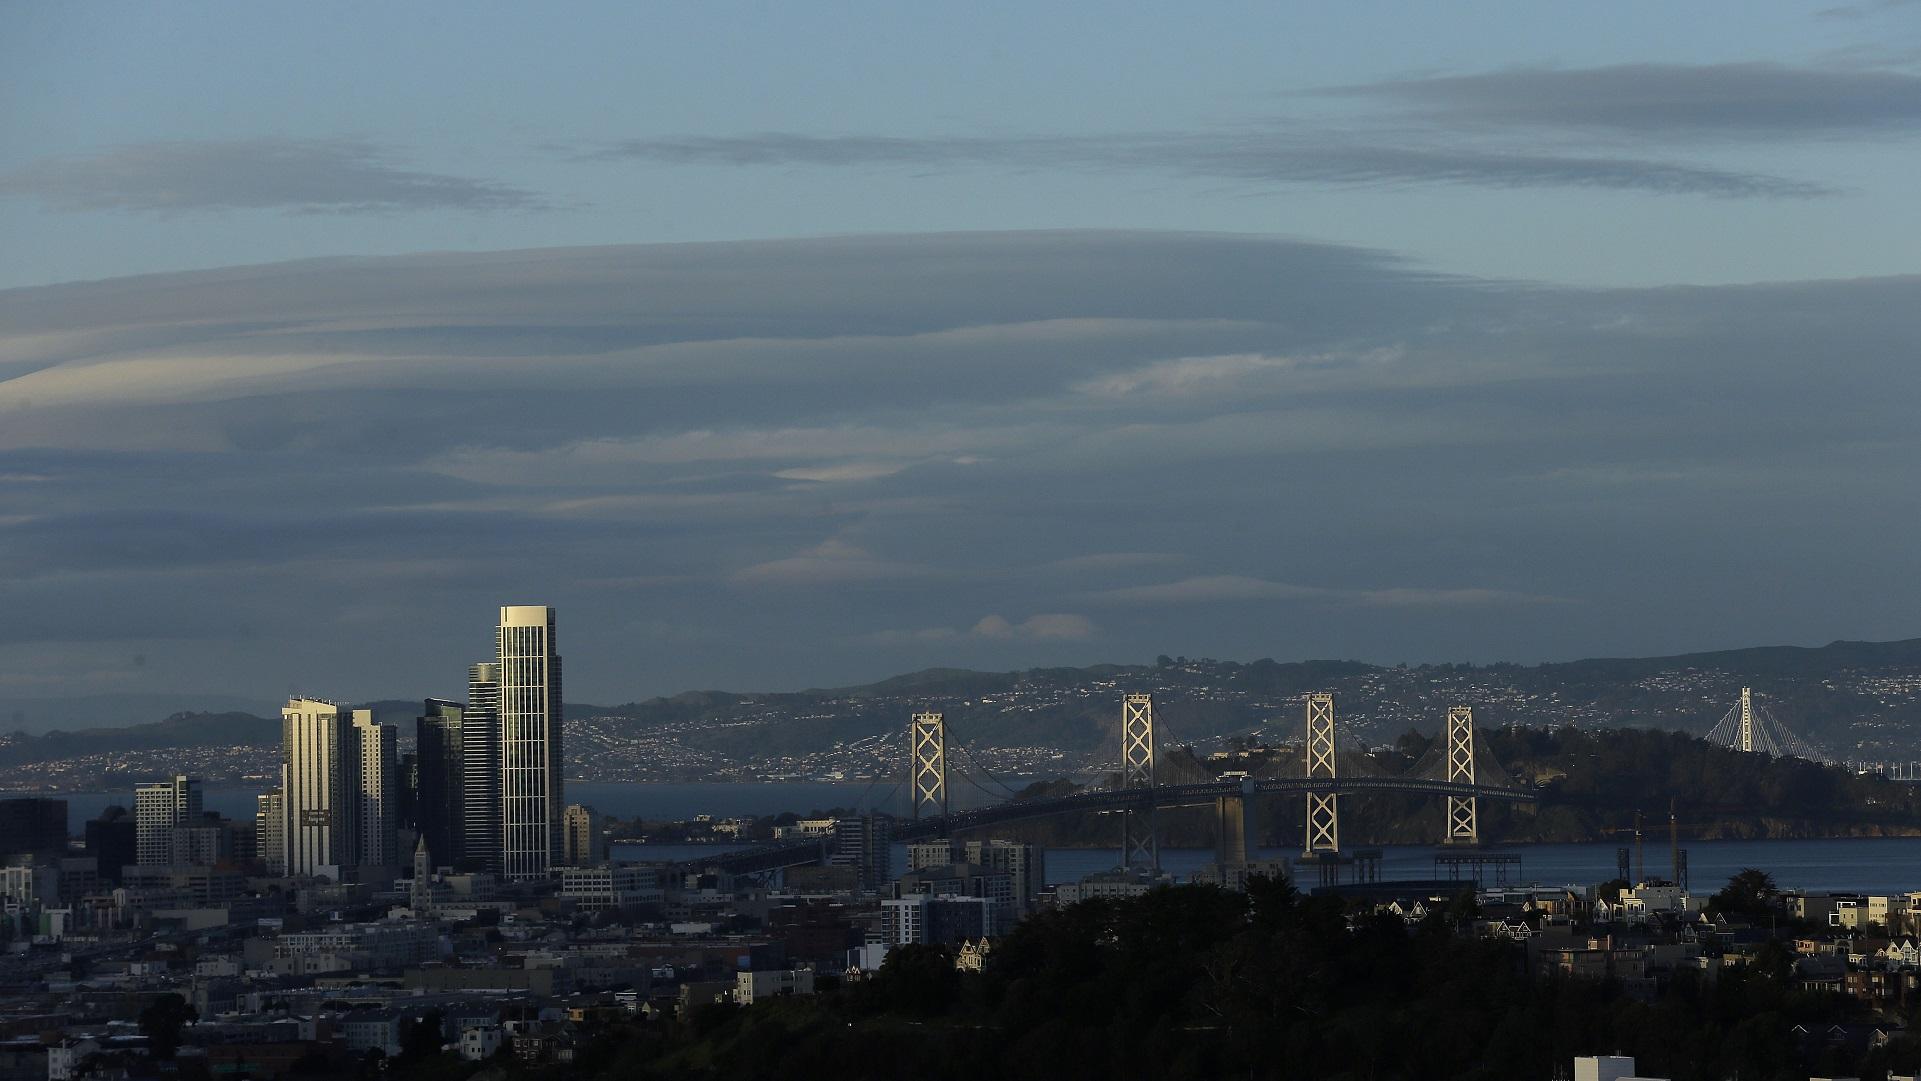 São Francisco votará o projeto de cobrança de um imposto para financiar a recuperação da área da baía (AP Photo/Jeff Chiu)